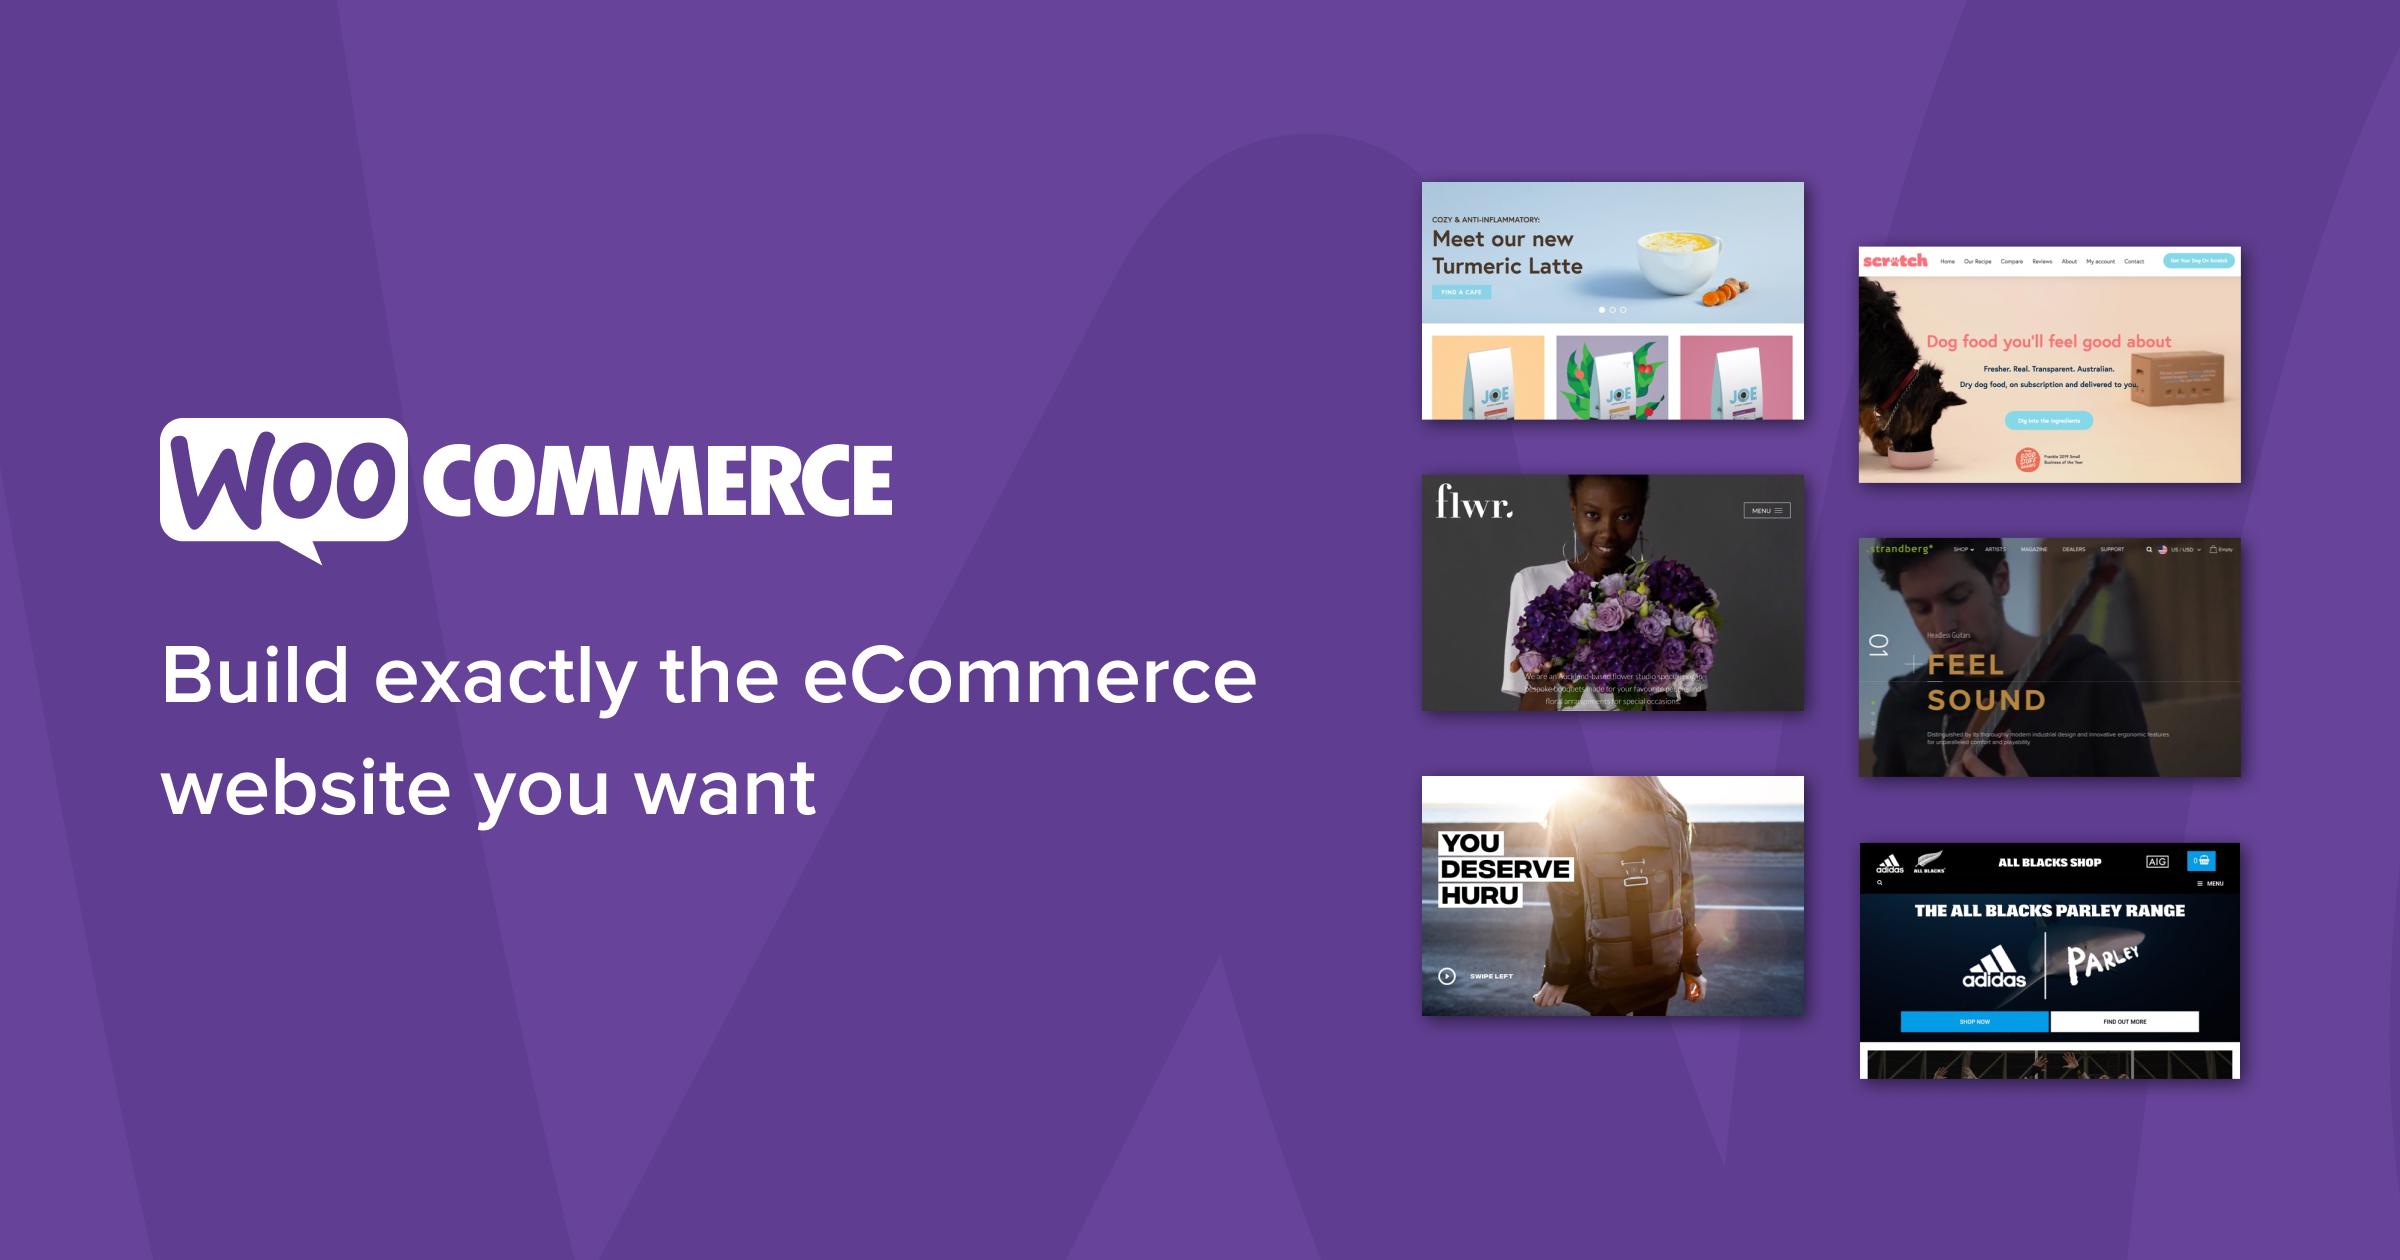 50款最好WooCommerce主题推荐(系列一)